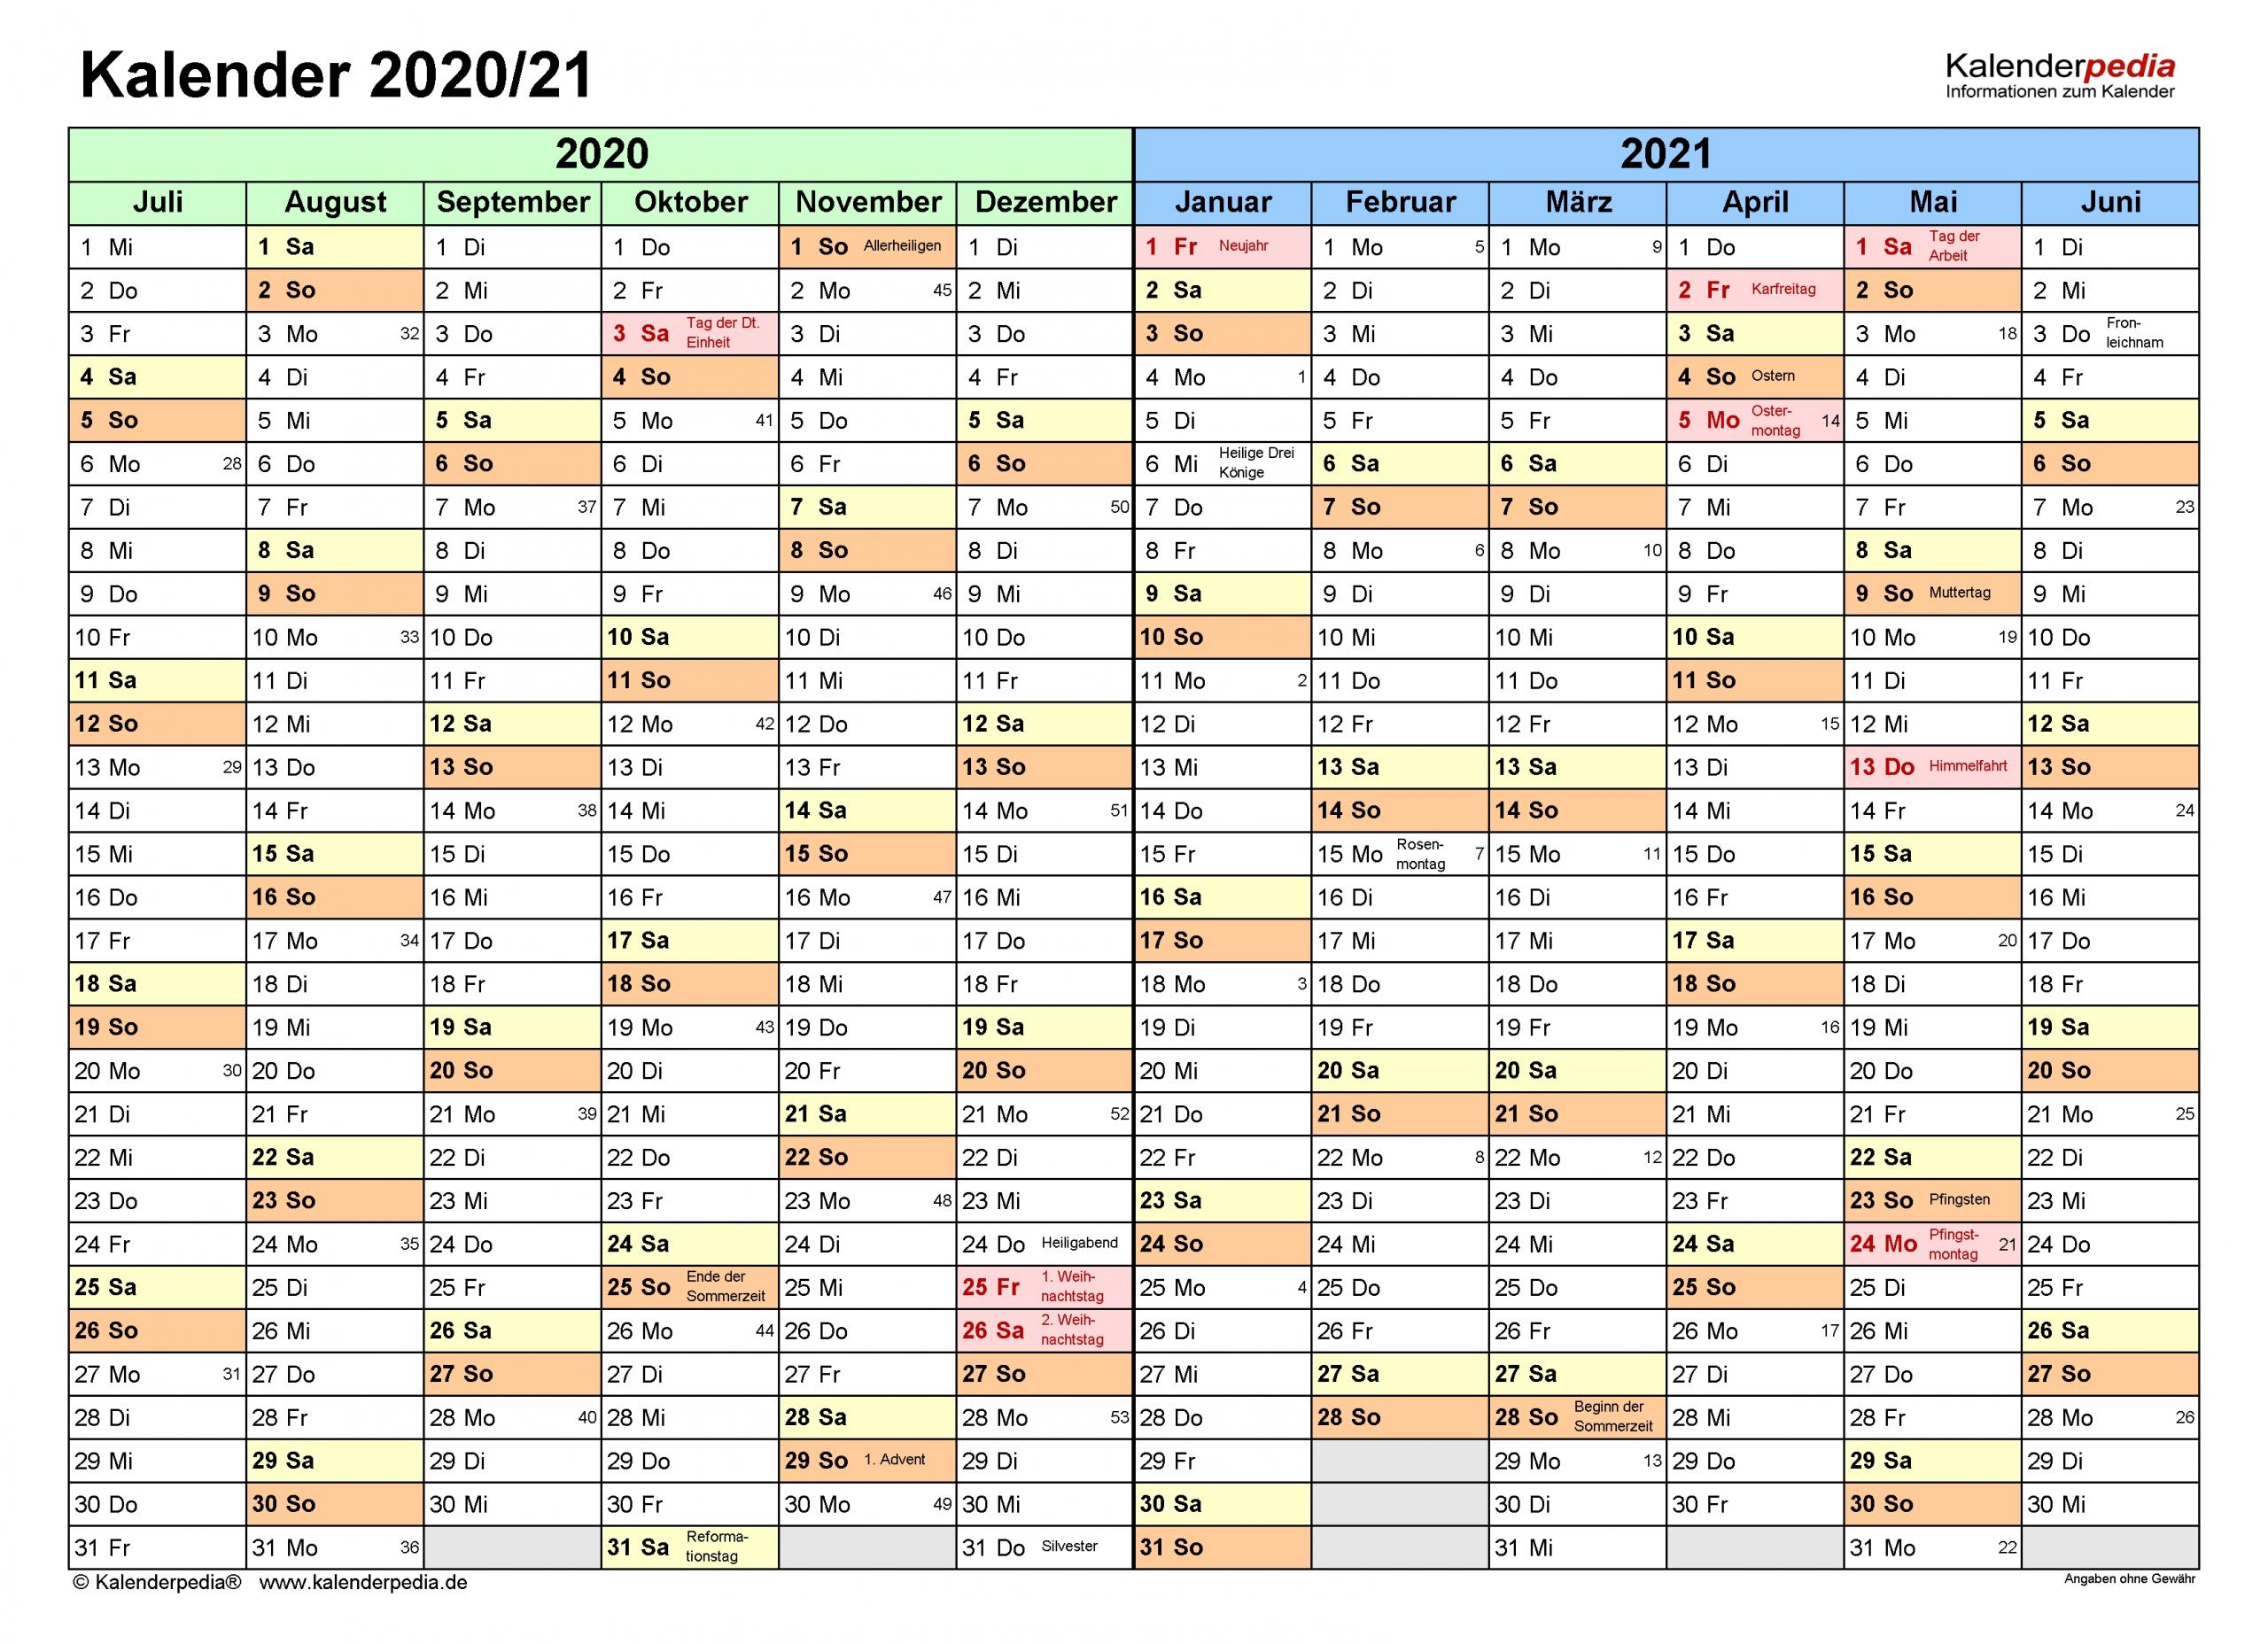 Collect Kalender 2021 Zum Ausdrucken Ab Juli